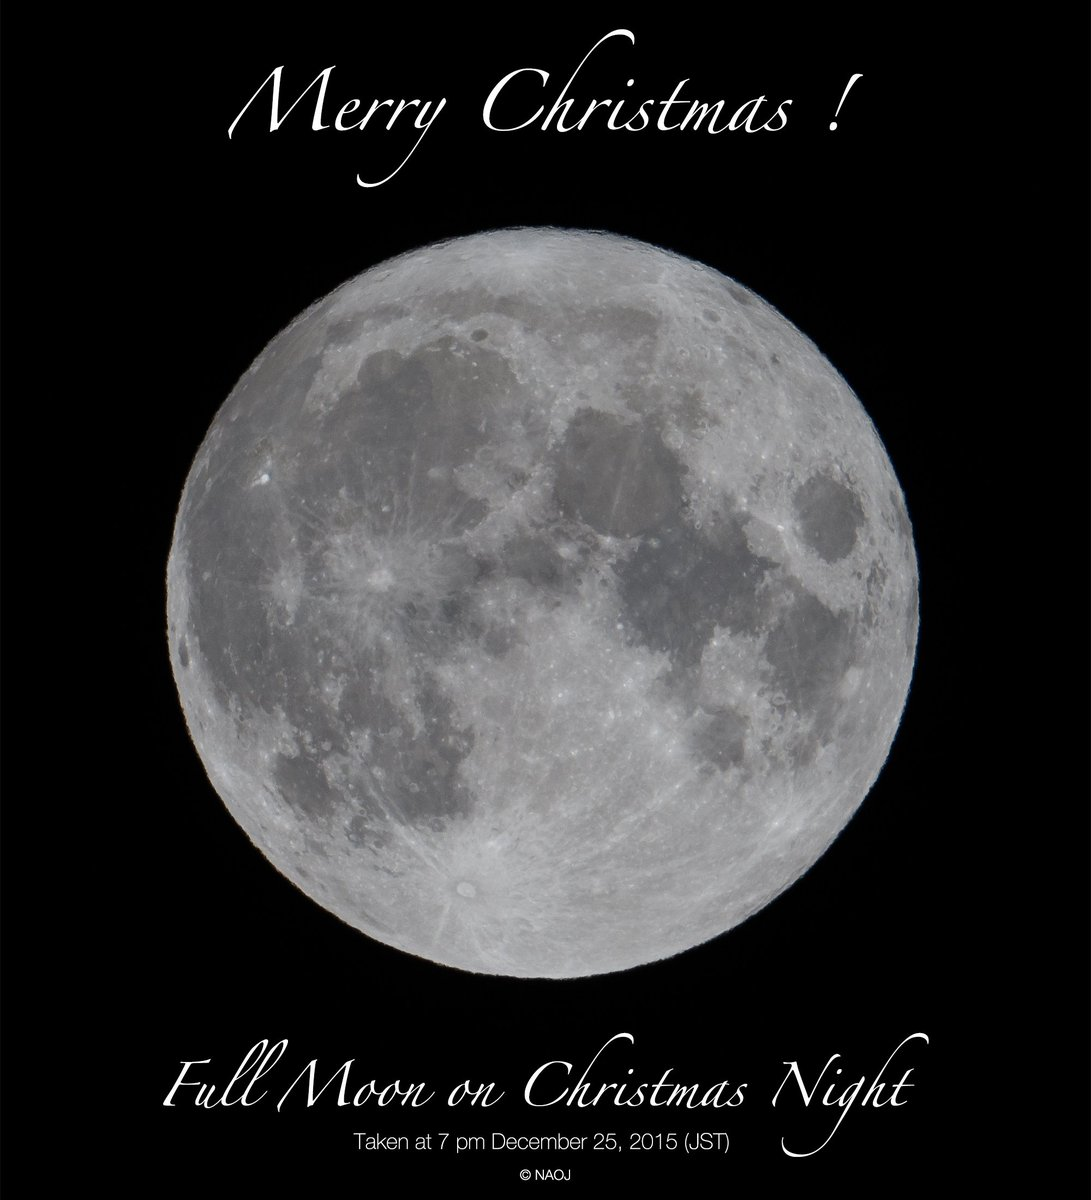 【クリスマスの満月】本日は満月です。次にクリスマスの日と満月が重なるのは2034年。夜空を見上げて、ちょっと珍しいクリスマスの満月を眺めてみませんか?皆様、素敵なクリスマスをお過ごしください。 #国立天文台 https://t.co/6JQQk5lzRB